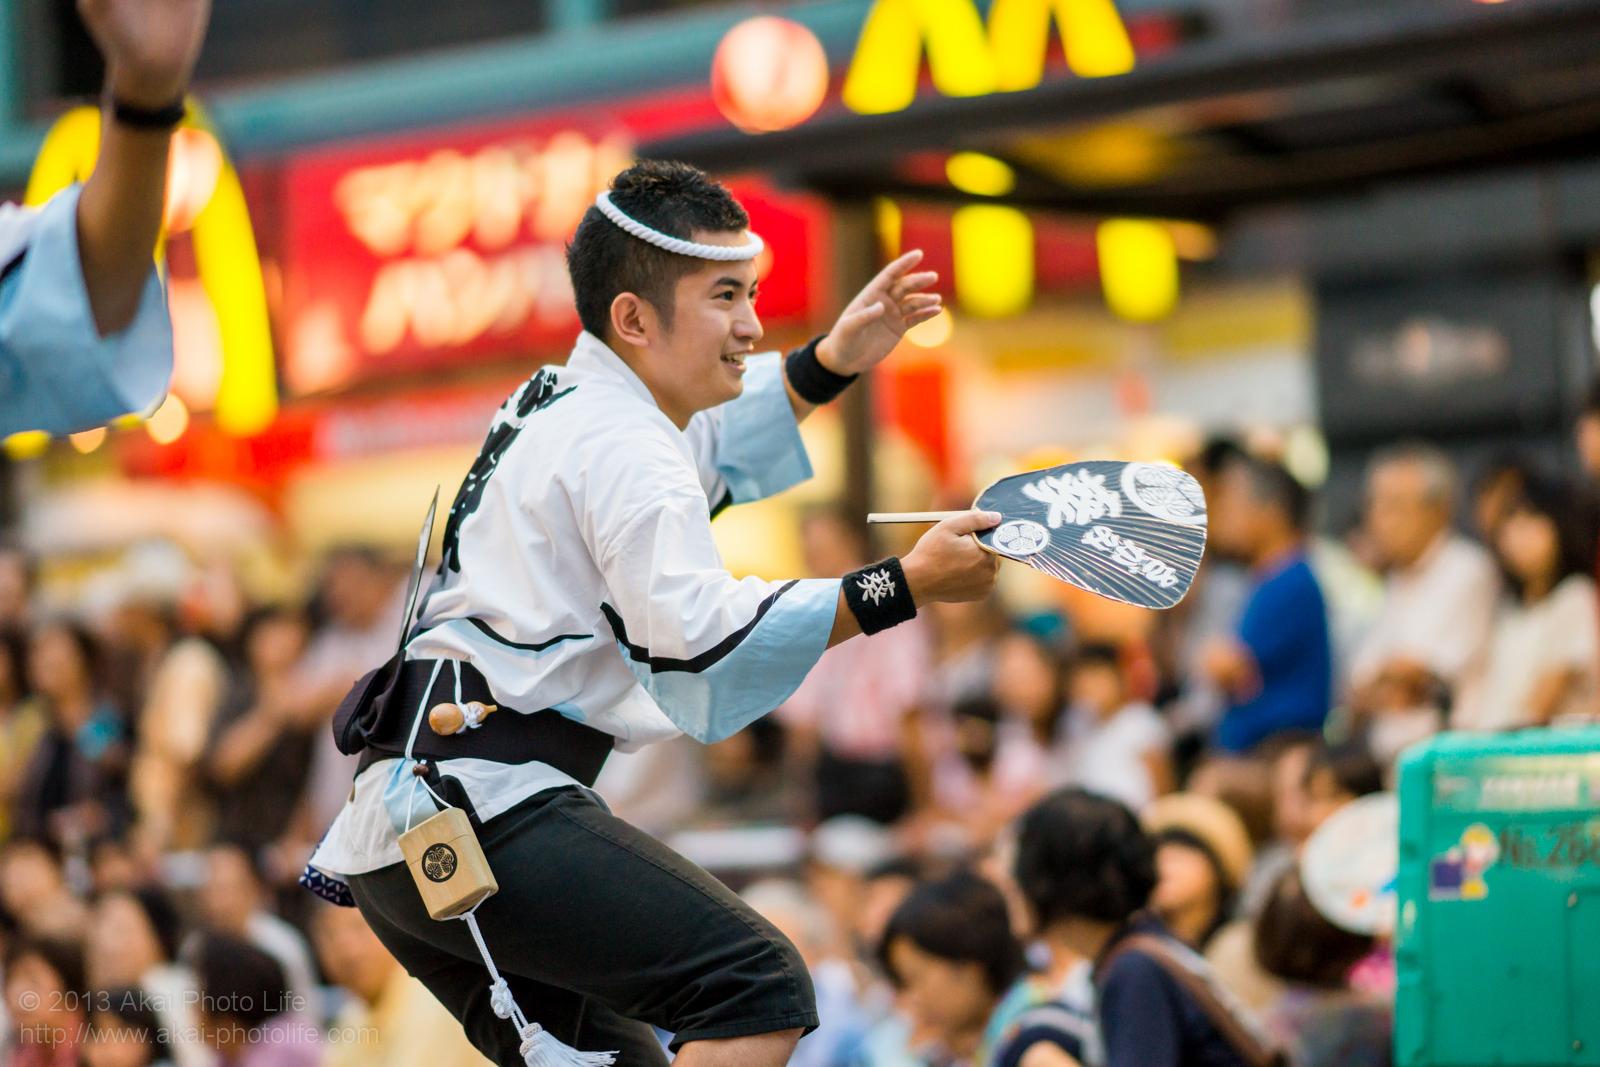 踊れ西八夏まつり、さがみ葵連の男踊り